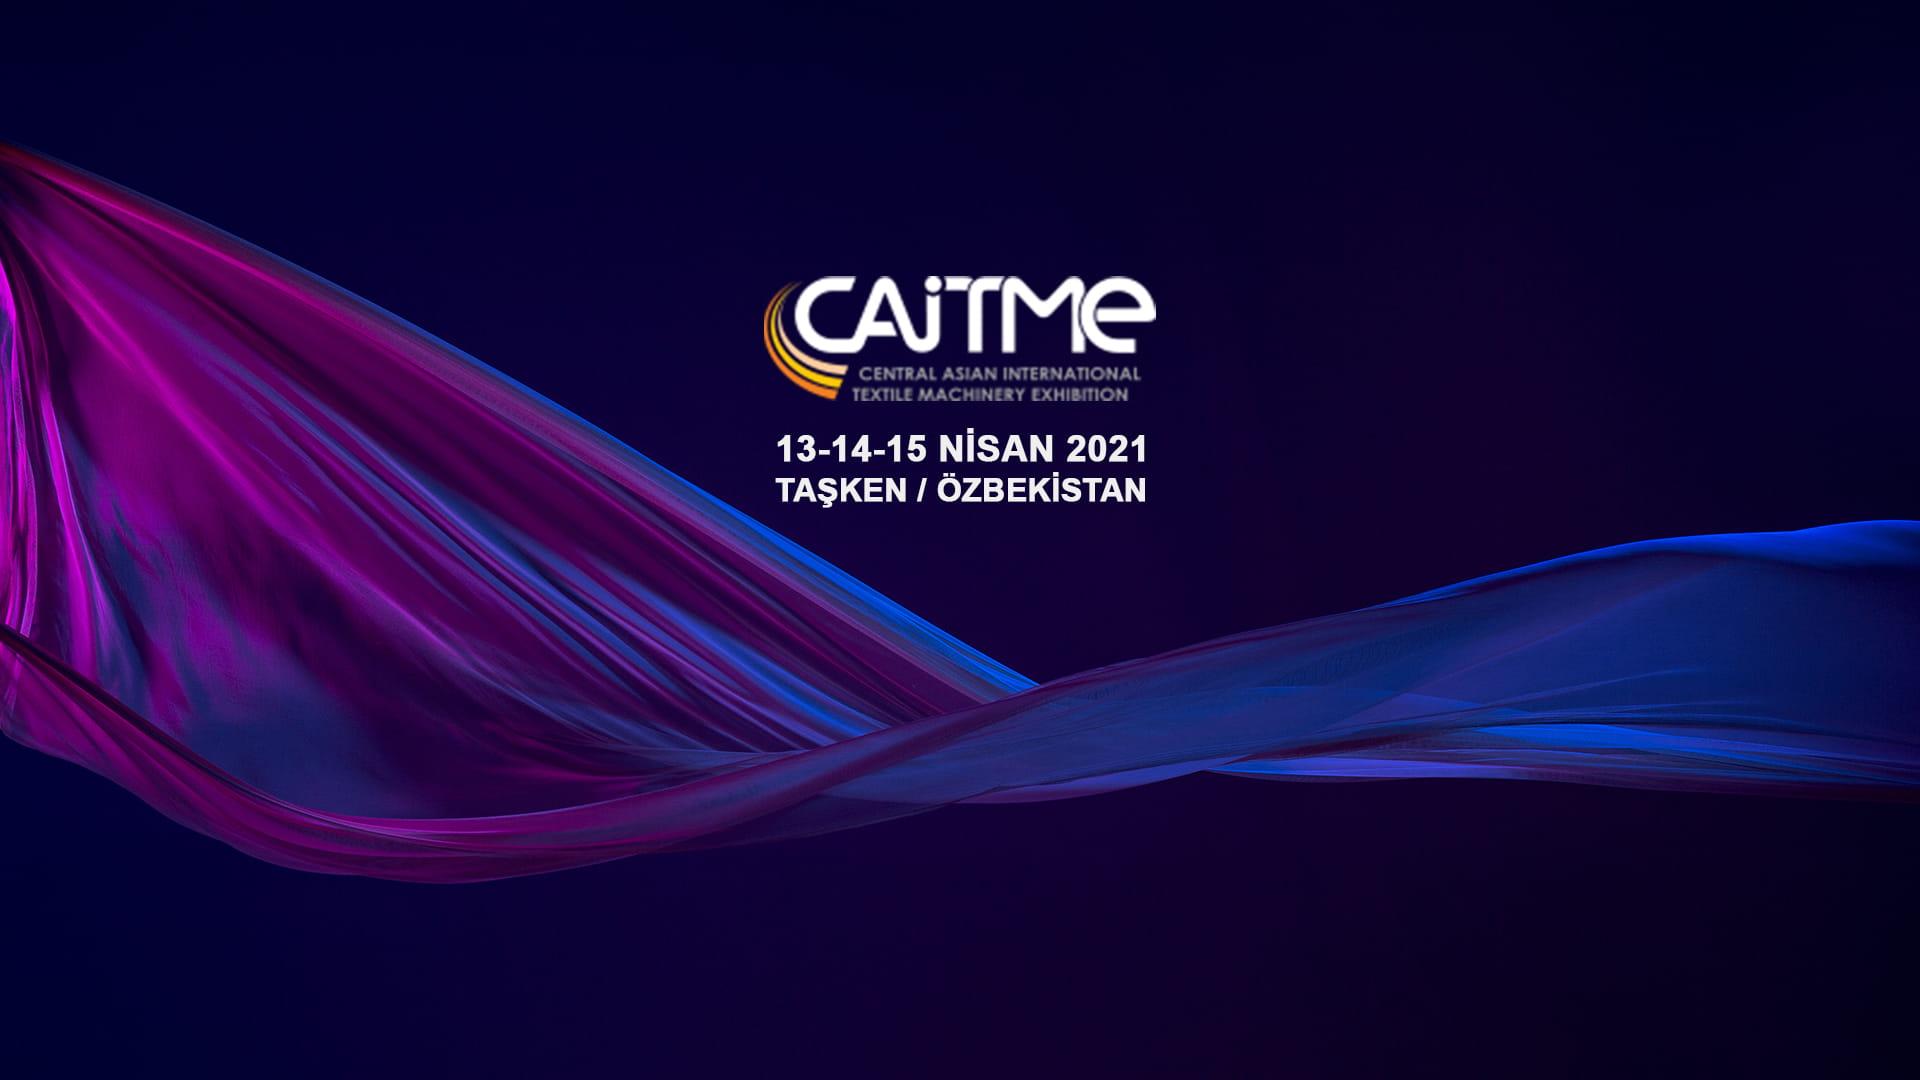 CAITME 2021 13-14-15 Nisan 2021 Taşken / Özbekistan